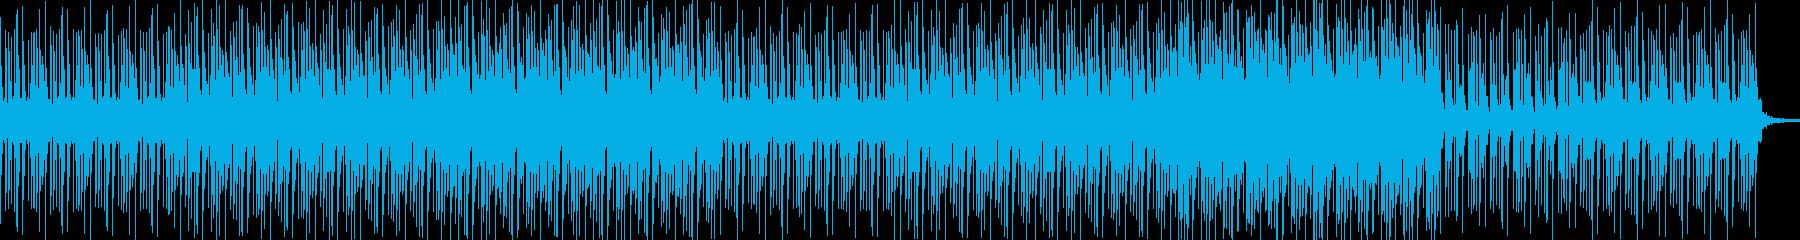 ベースがクールなクライムコメディ風の曲の再生済みの波形